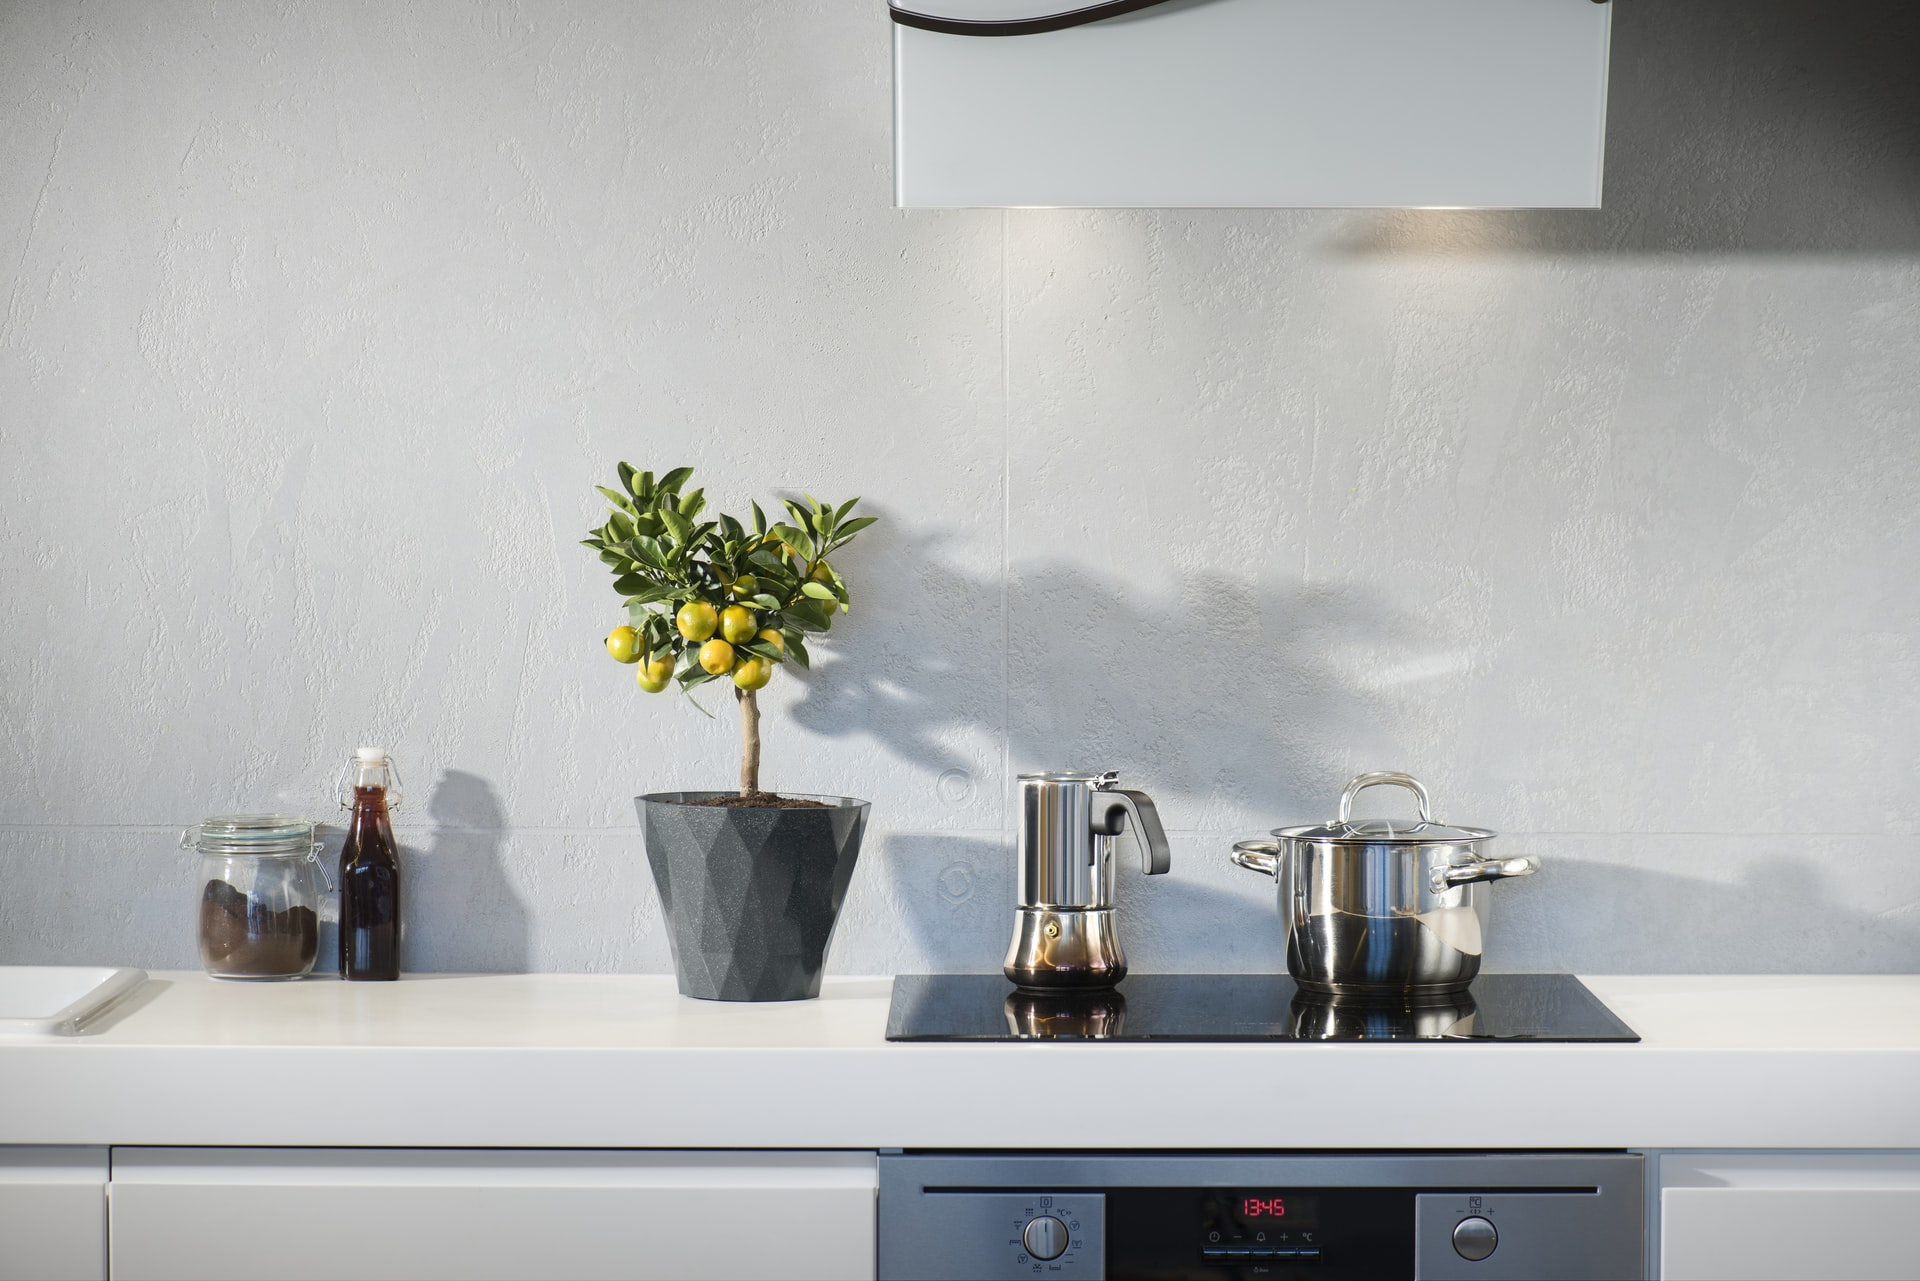 Kitchen Remodel Tips Header Image